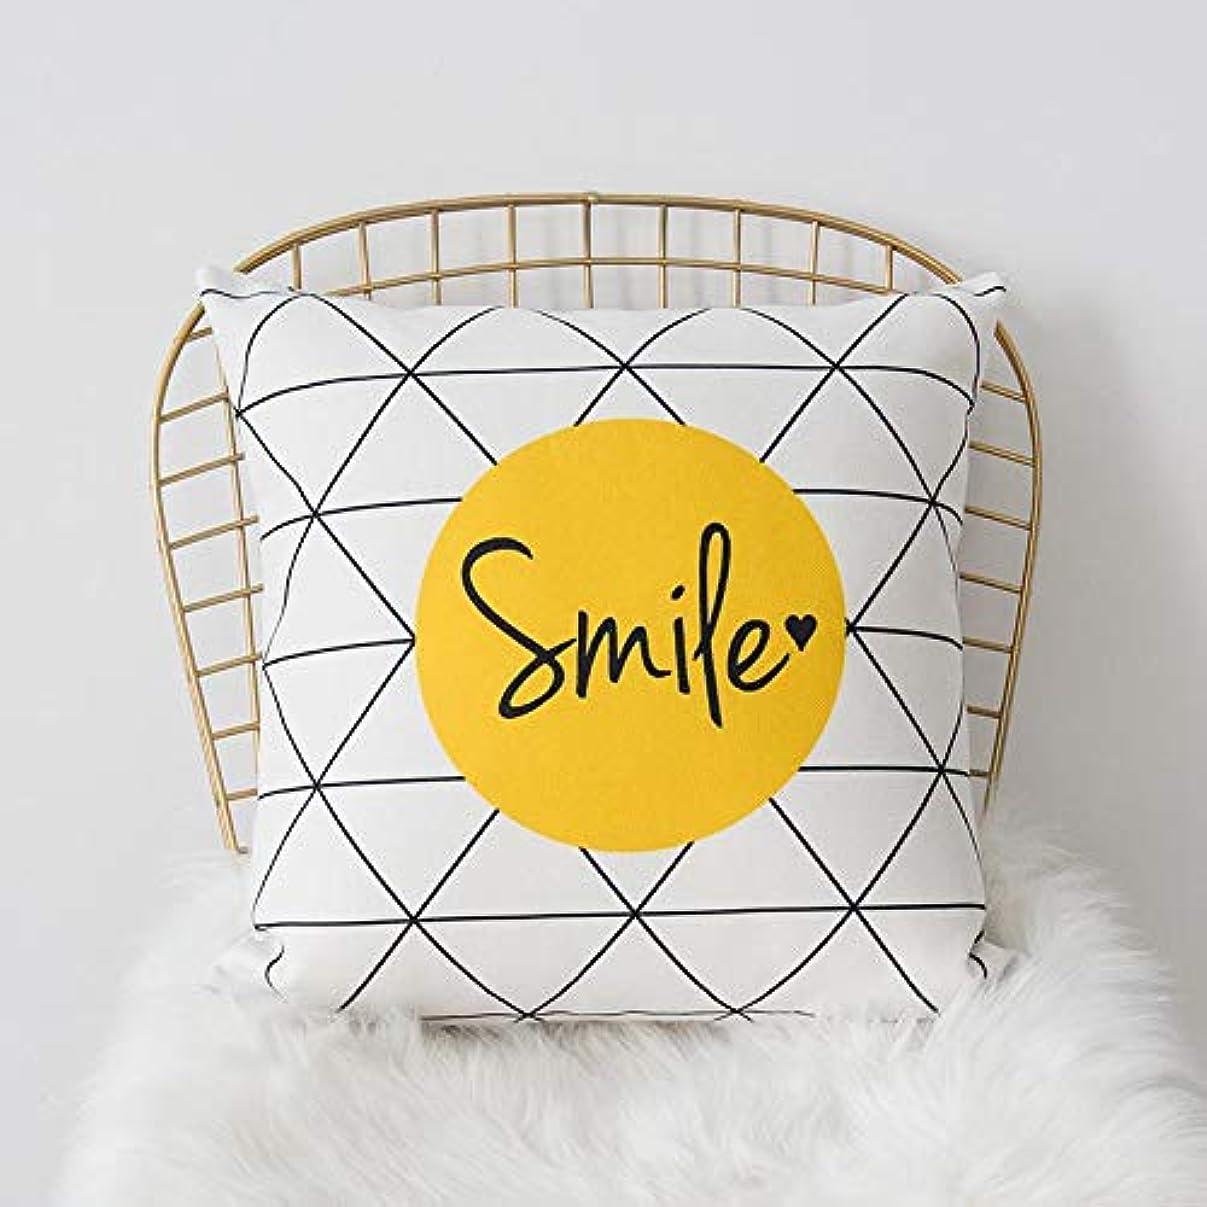 東部申し立てる厳しいSMART 黄色グレー枕北欧スタイル黄色ヘラジカ幾何枕リビングルームのインテリアソファクッション Cojines 装飾良質 クッション 椅子